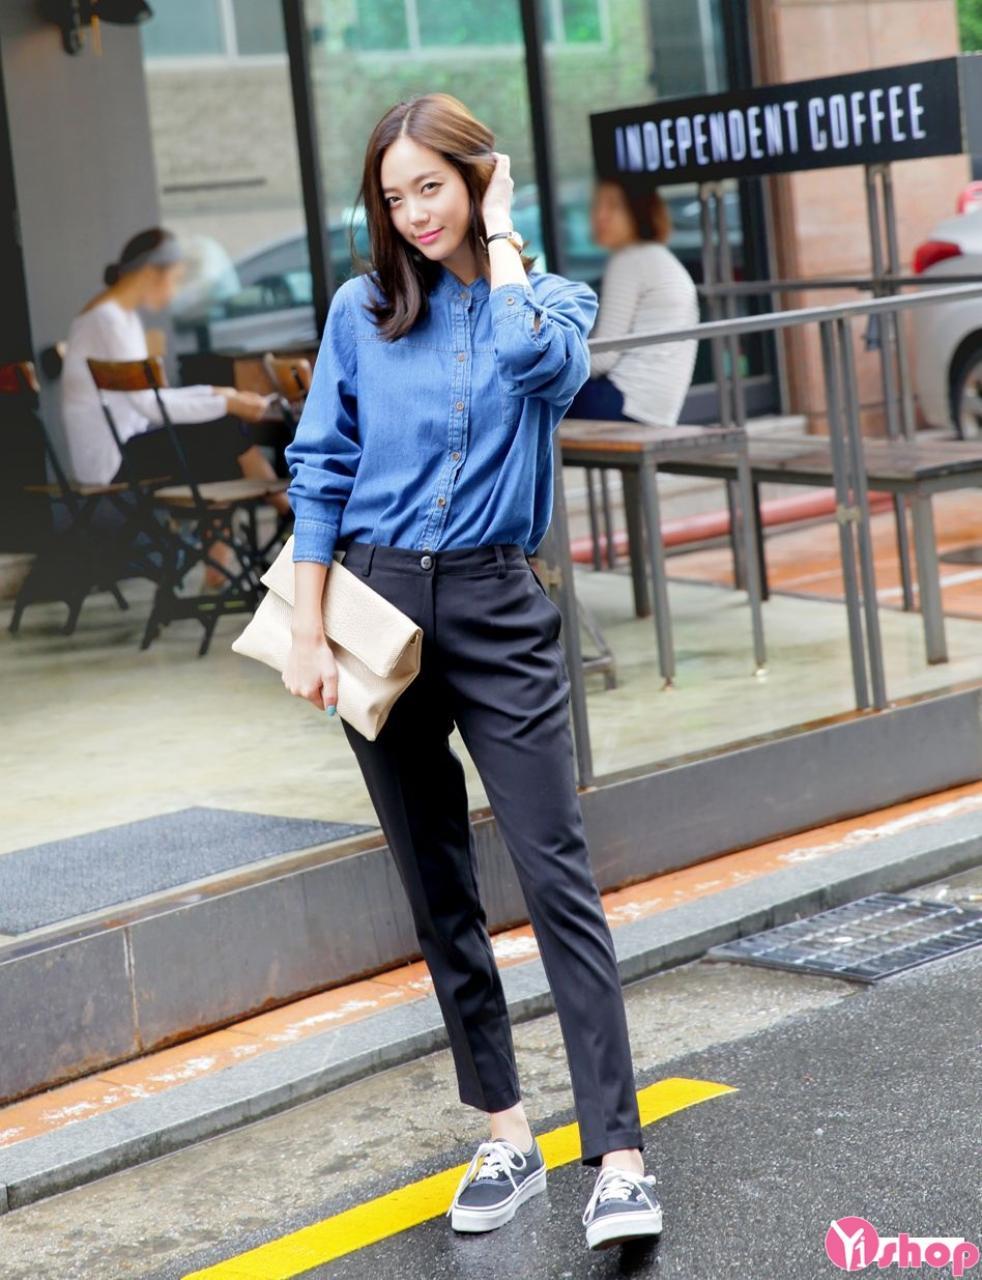 Áo sơ mi jean tay dài nữ đẹp phong cách Hàn Quốc năng động hè 2021 - 2022